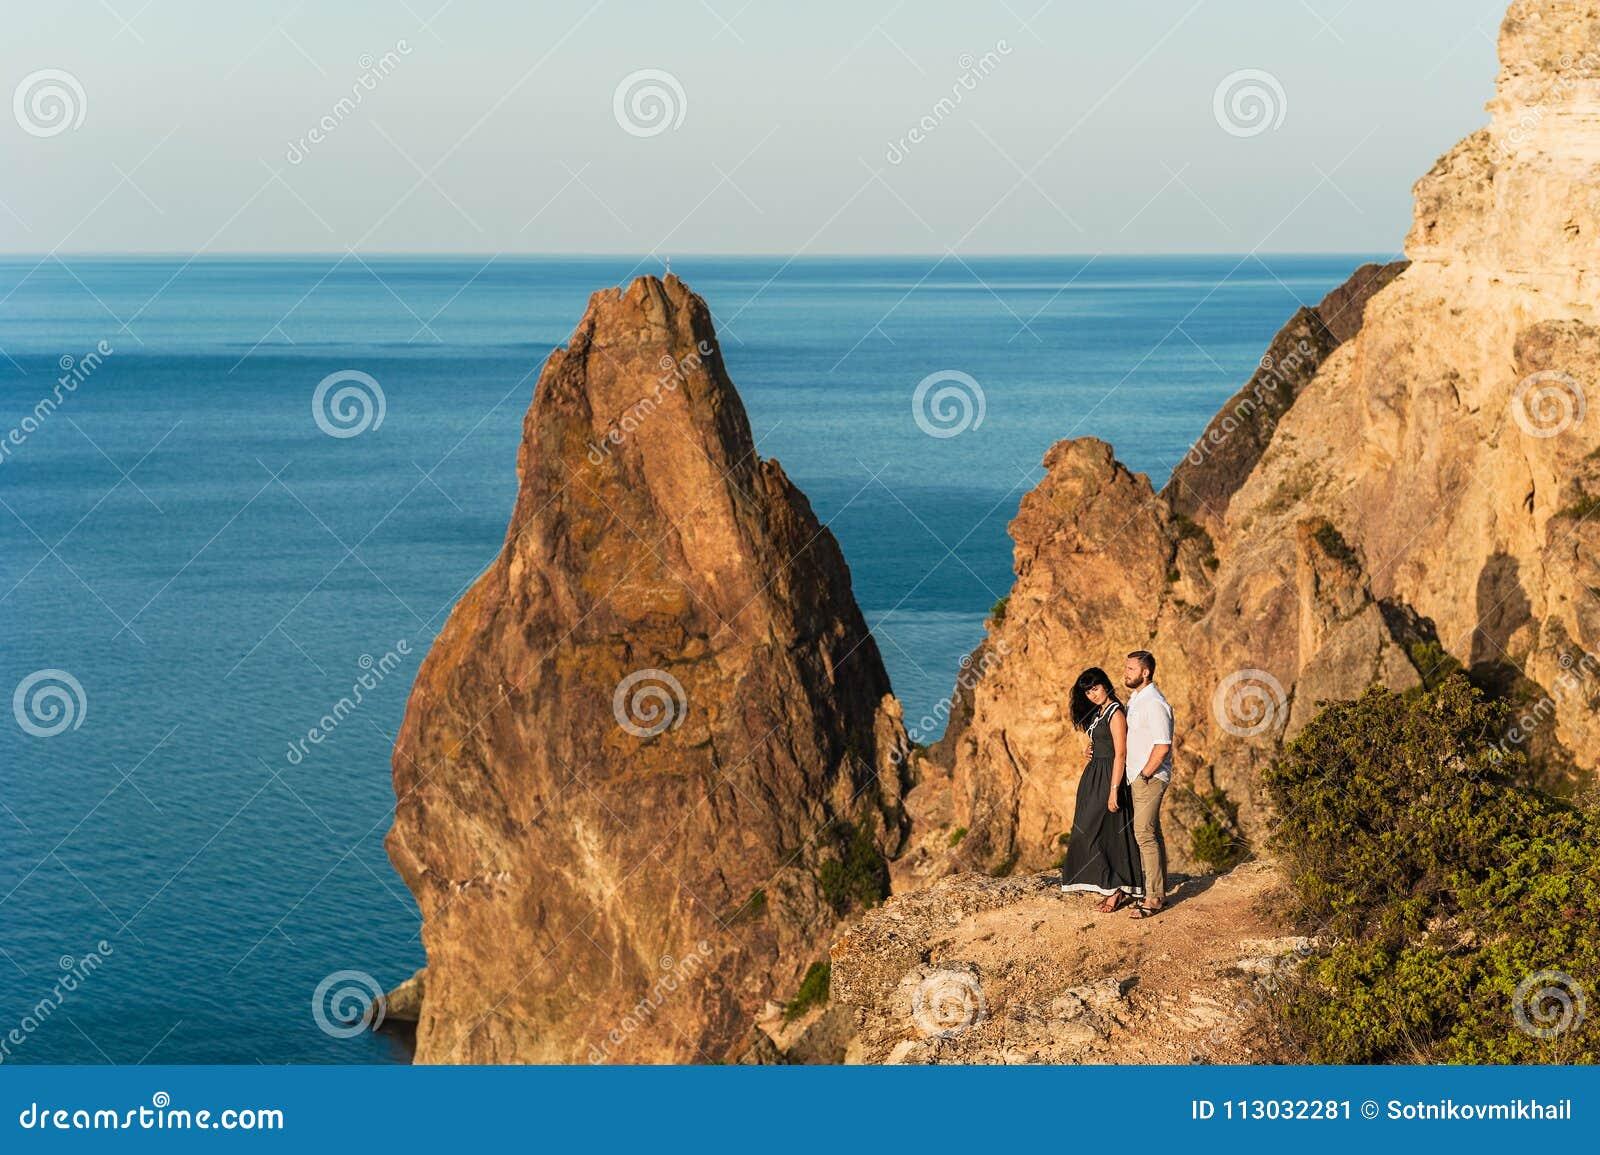 Individuo y muchacha en el mar que abraza al borde del acantilado